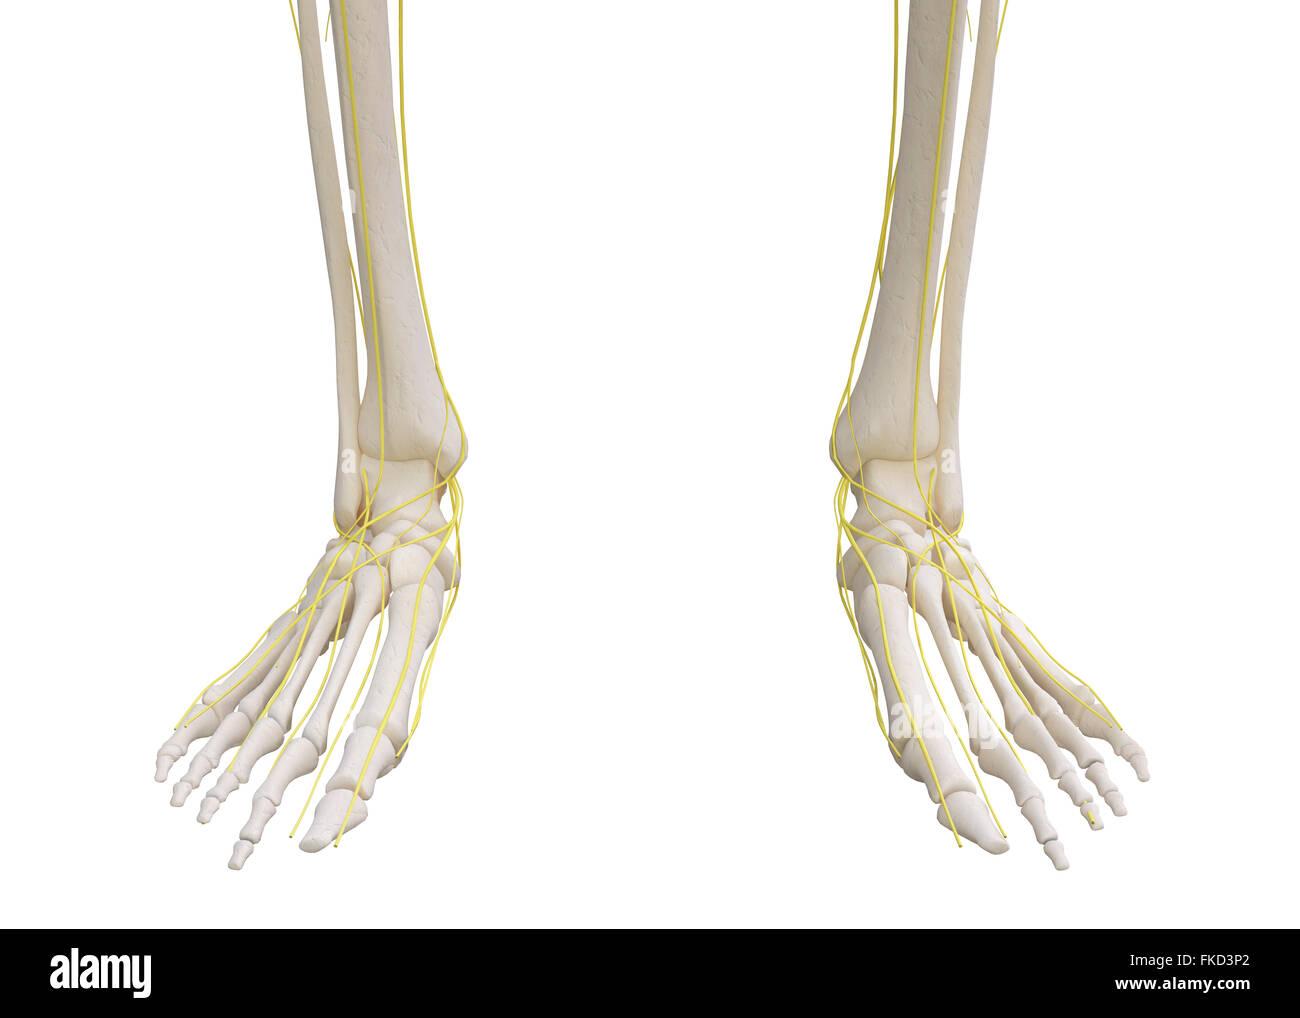 Fuß-Skelett mit Nervensystem isoliert auf weiss Stockfoto, Bild ...